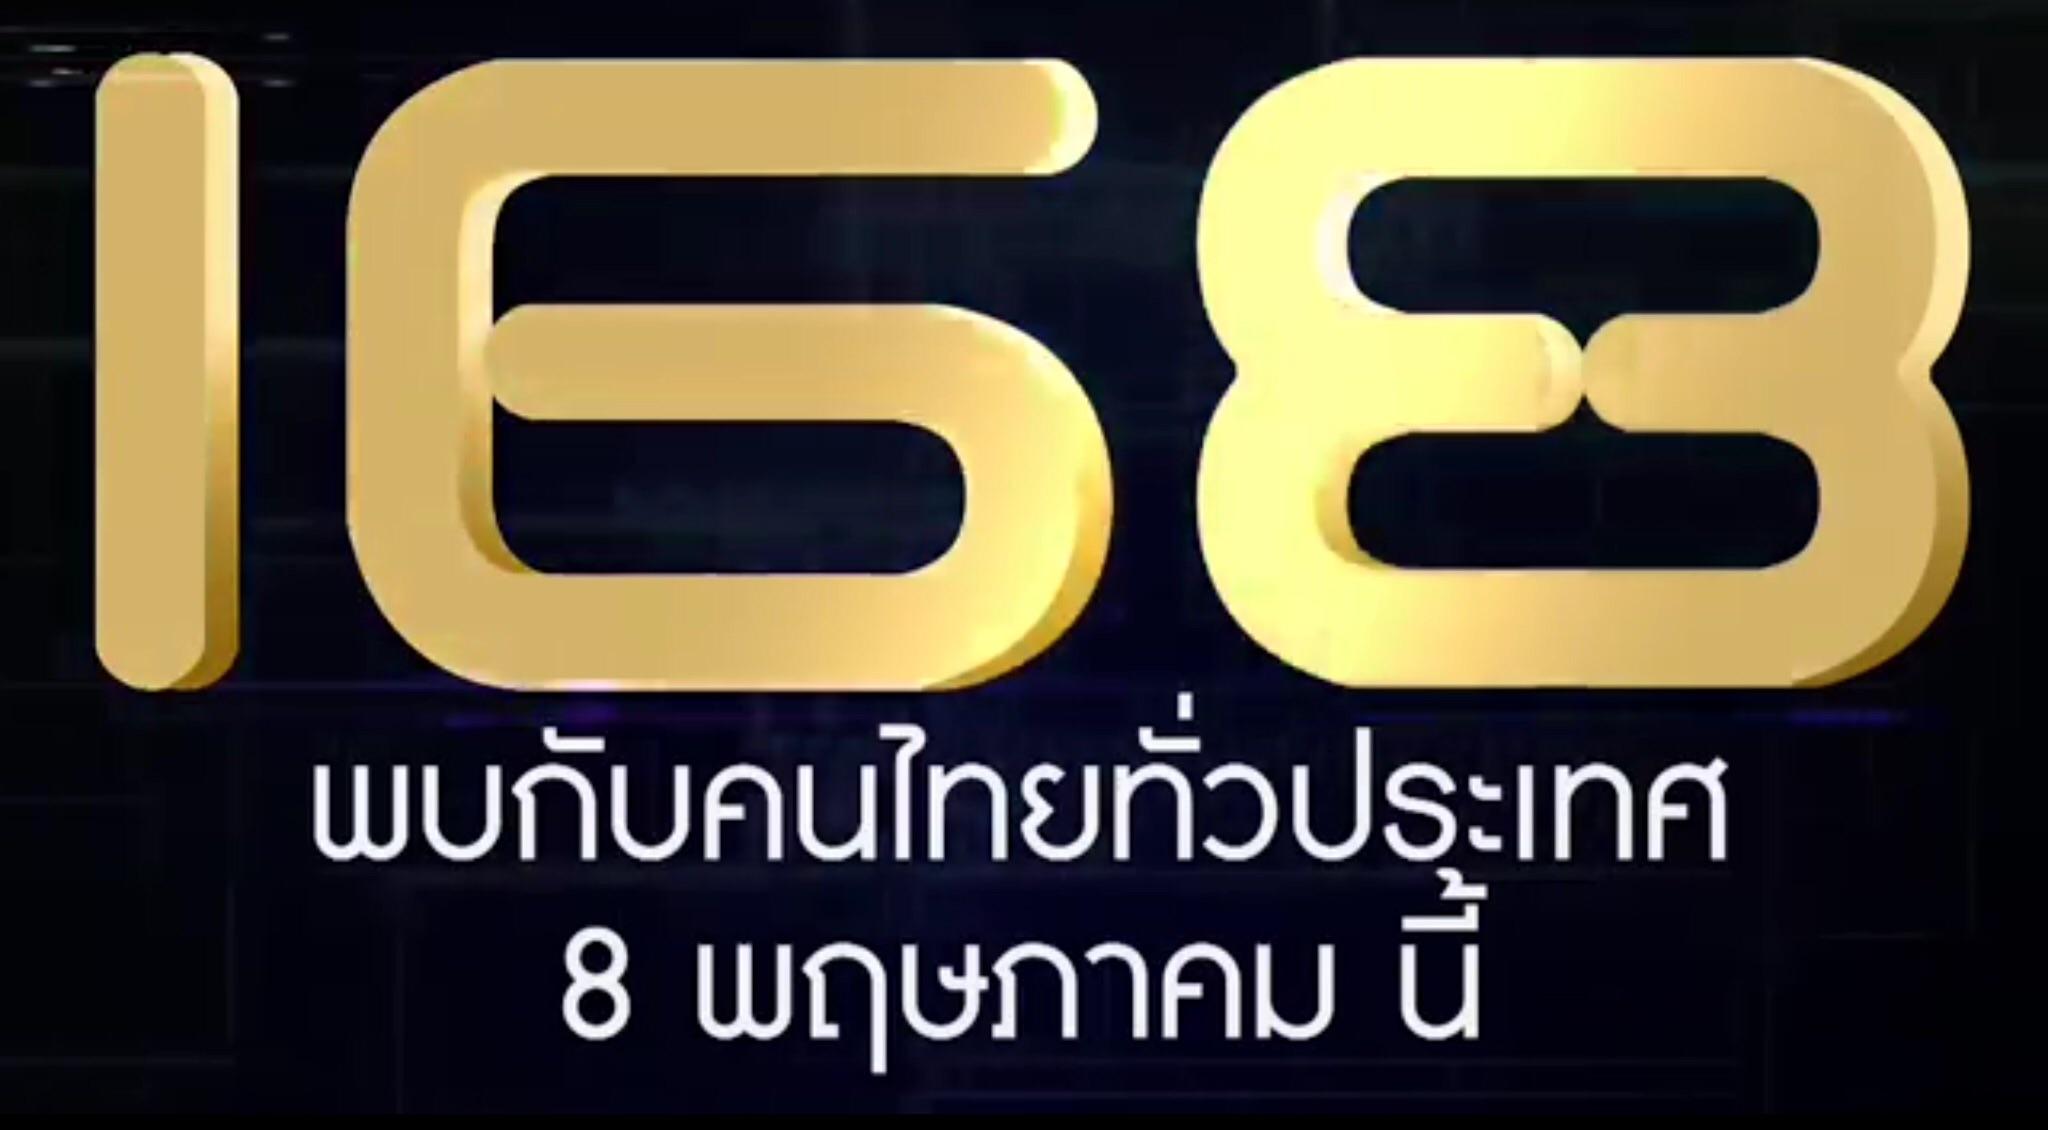 """ยิงทีเซอร์อย่างหนักจนคนหลายคนสงสัย วันนี้เปิดตัวแล้วกับ 168  ชื่อมงคลของผู้ให้บริการ 3G รายใหม่ สัญญาณแรงชัดทั่วไทย เริ่มจำหน่าย SIM  วันที่ 8 พฤษภาคมนี้. """""""